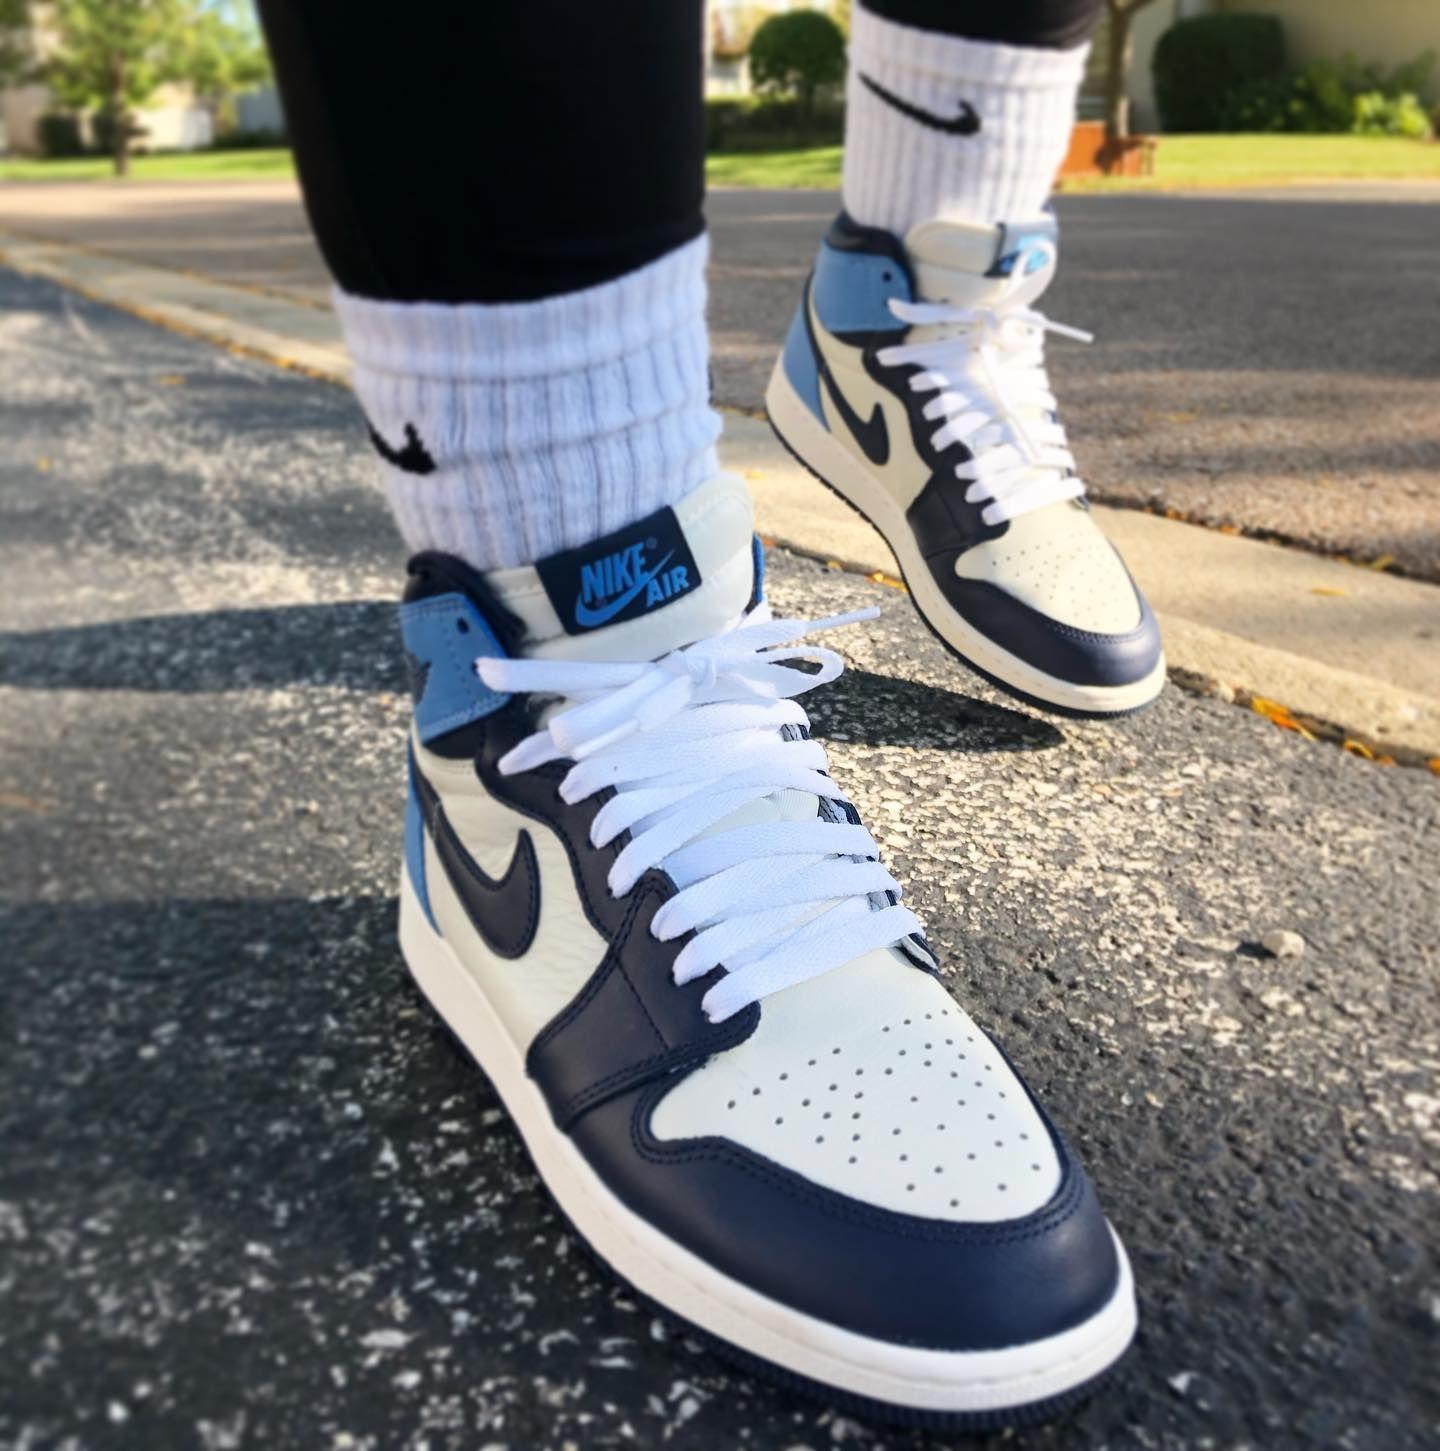 Air Jordan 1 Retro High Og Obsidian University Blue Nike Jordans Air Jordan 1 Retro High Og Obsidian University Blue In 2020 Jordans Air Jordans Jordan 1 Blue